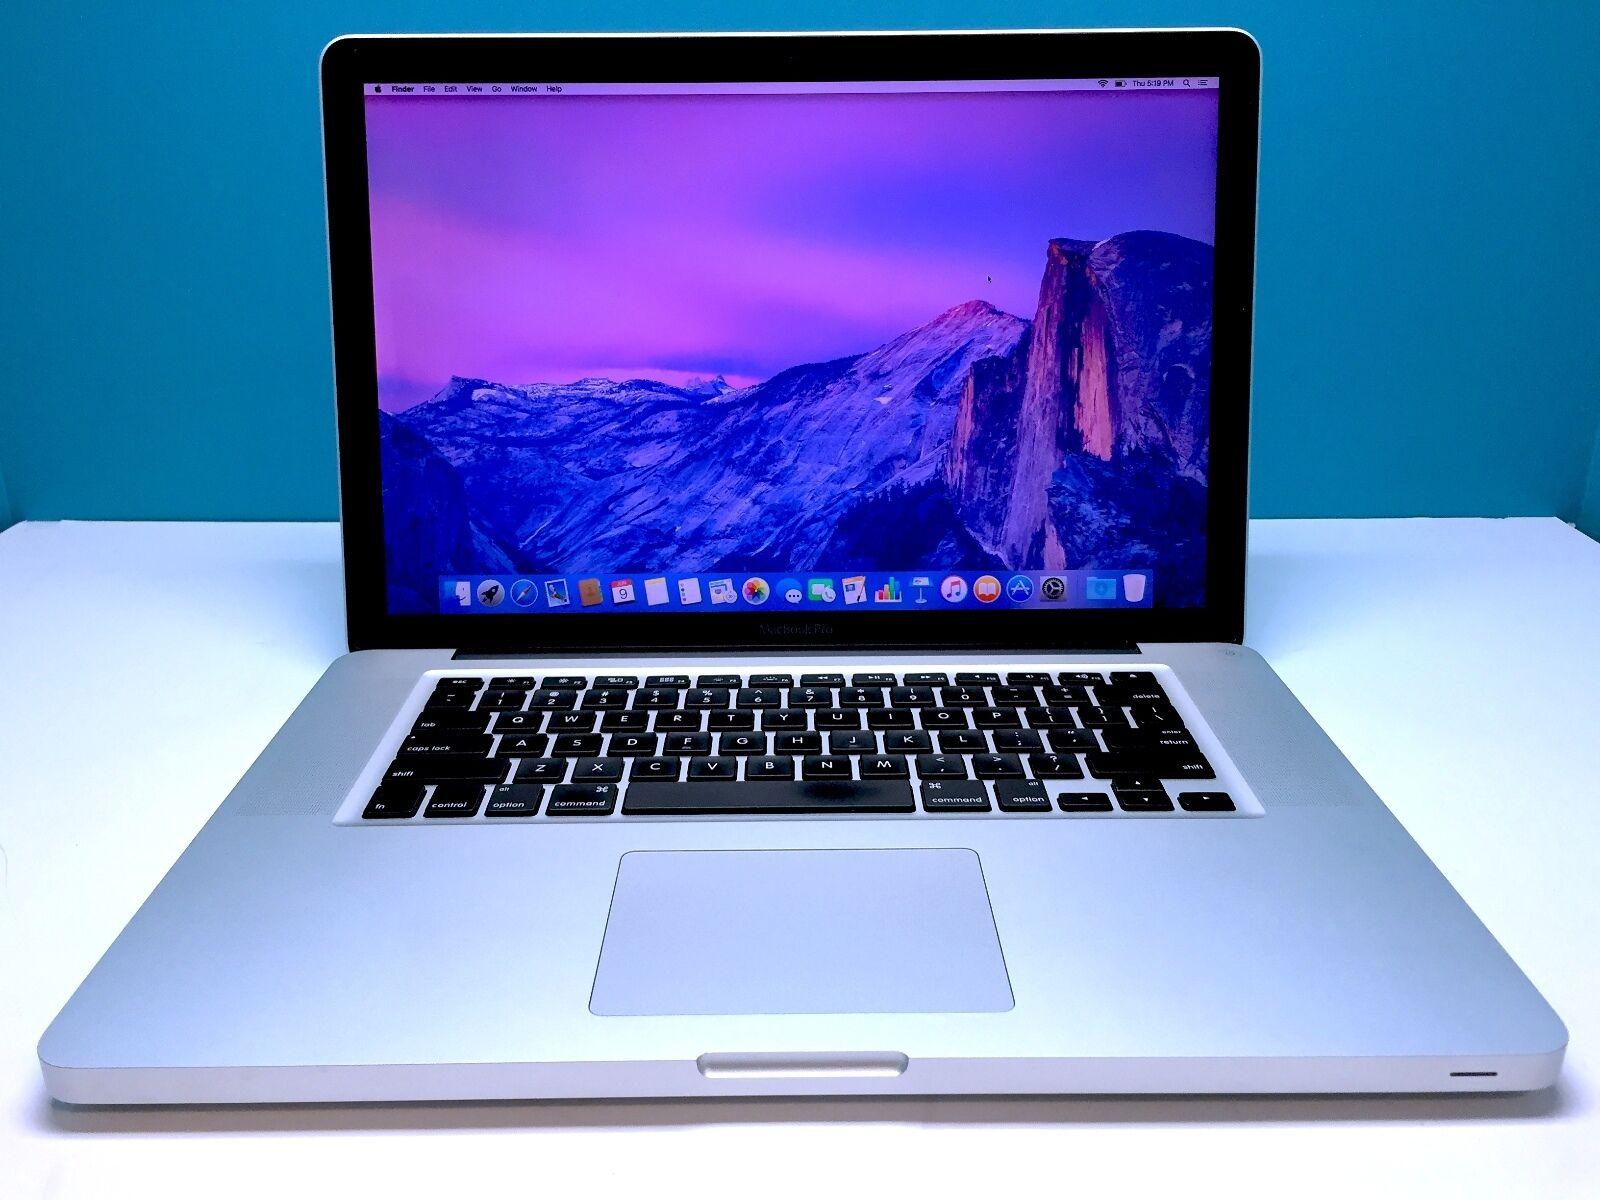 15 MacBook Pro *One Year Warranty* Apple Laptop 2.53Ghz Intel / 8GB / 1TB SSHD